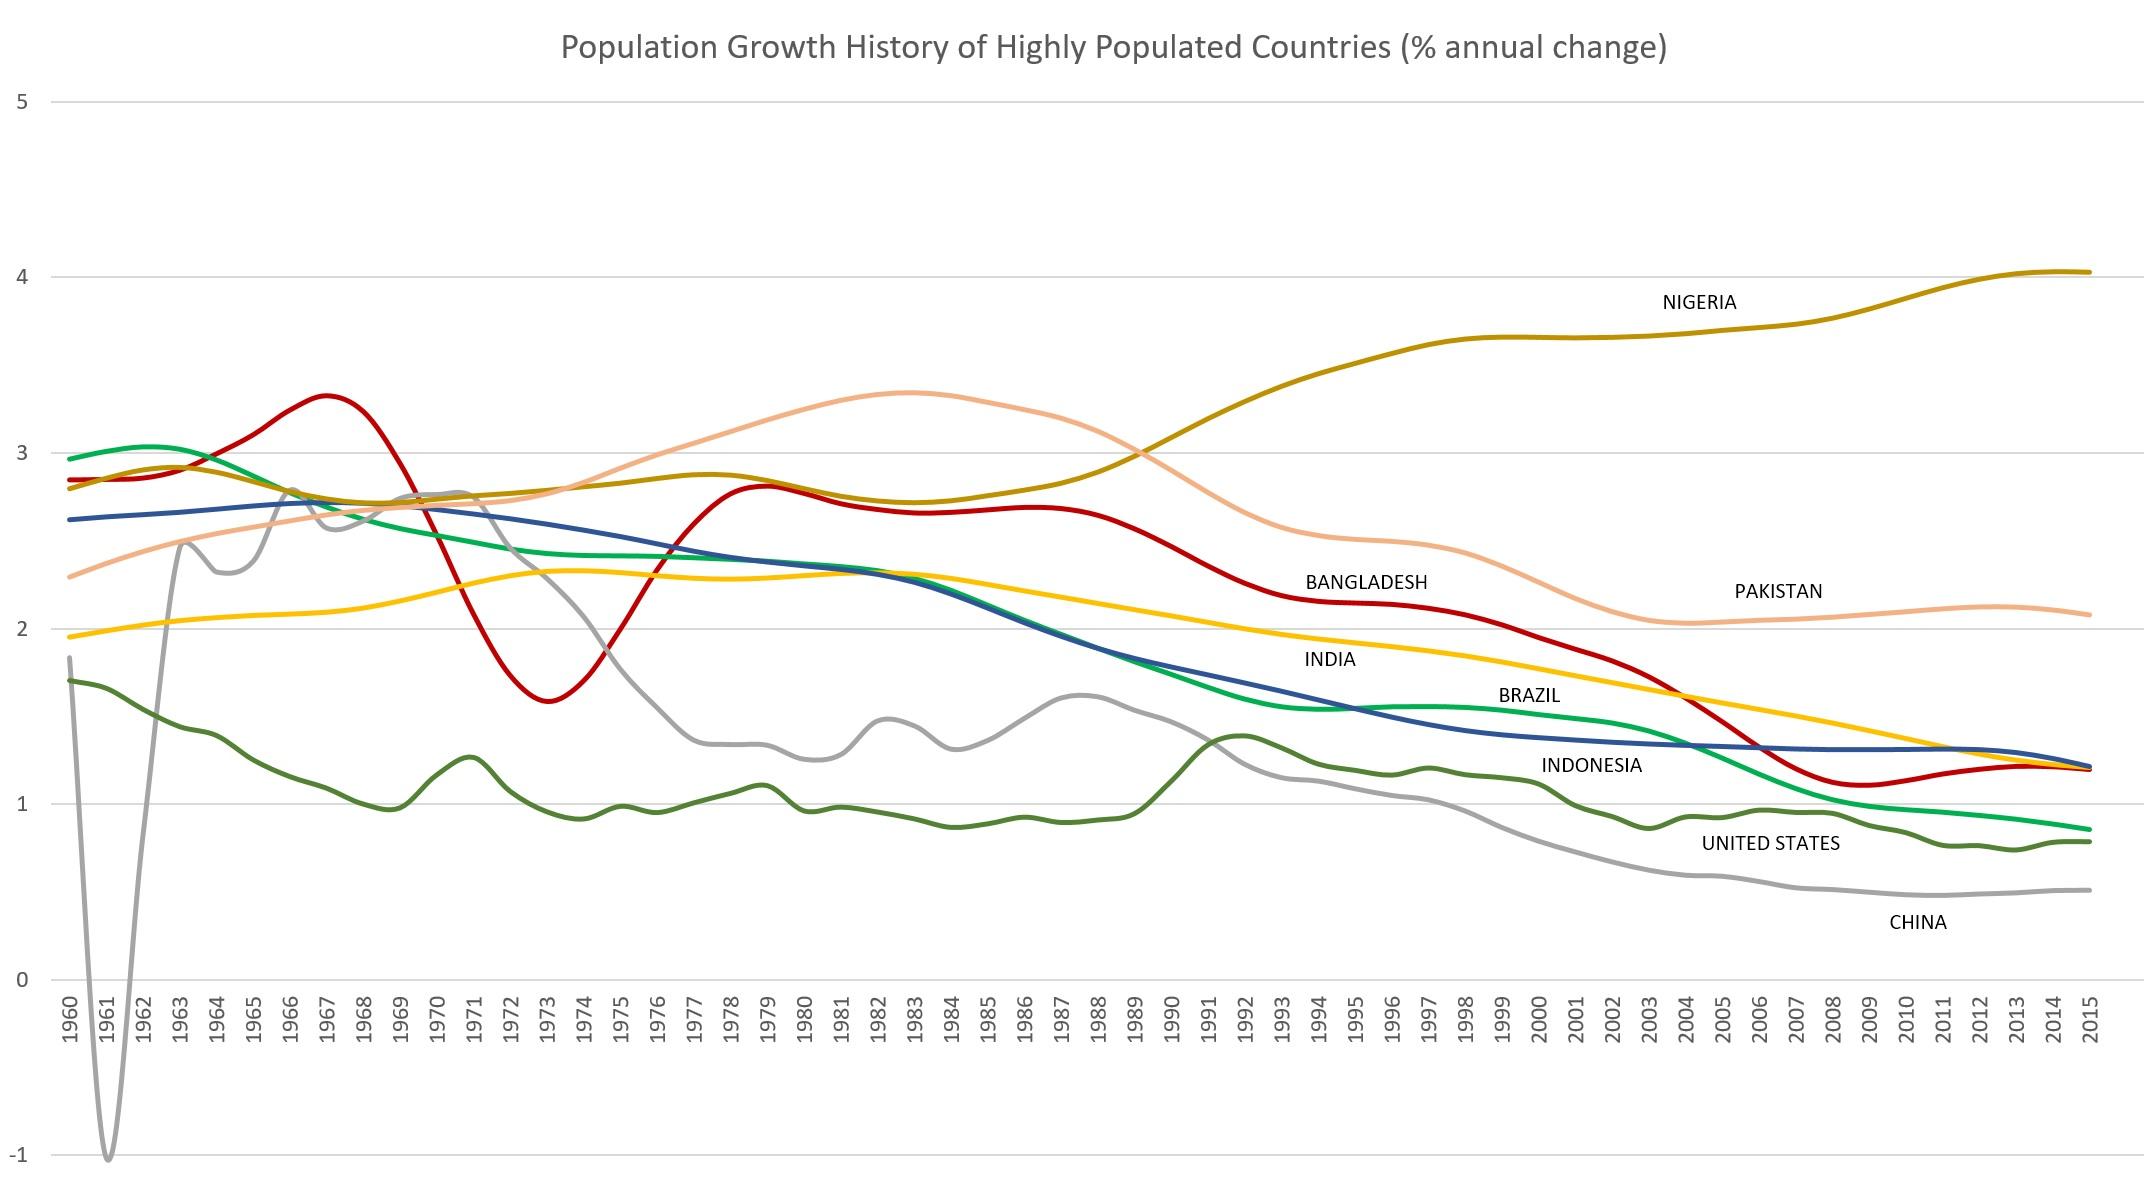 Data source: The World Bank, 2015